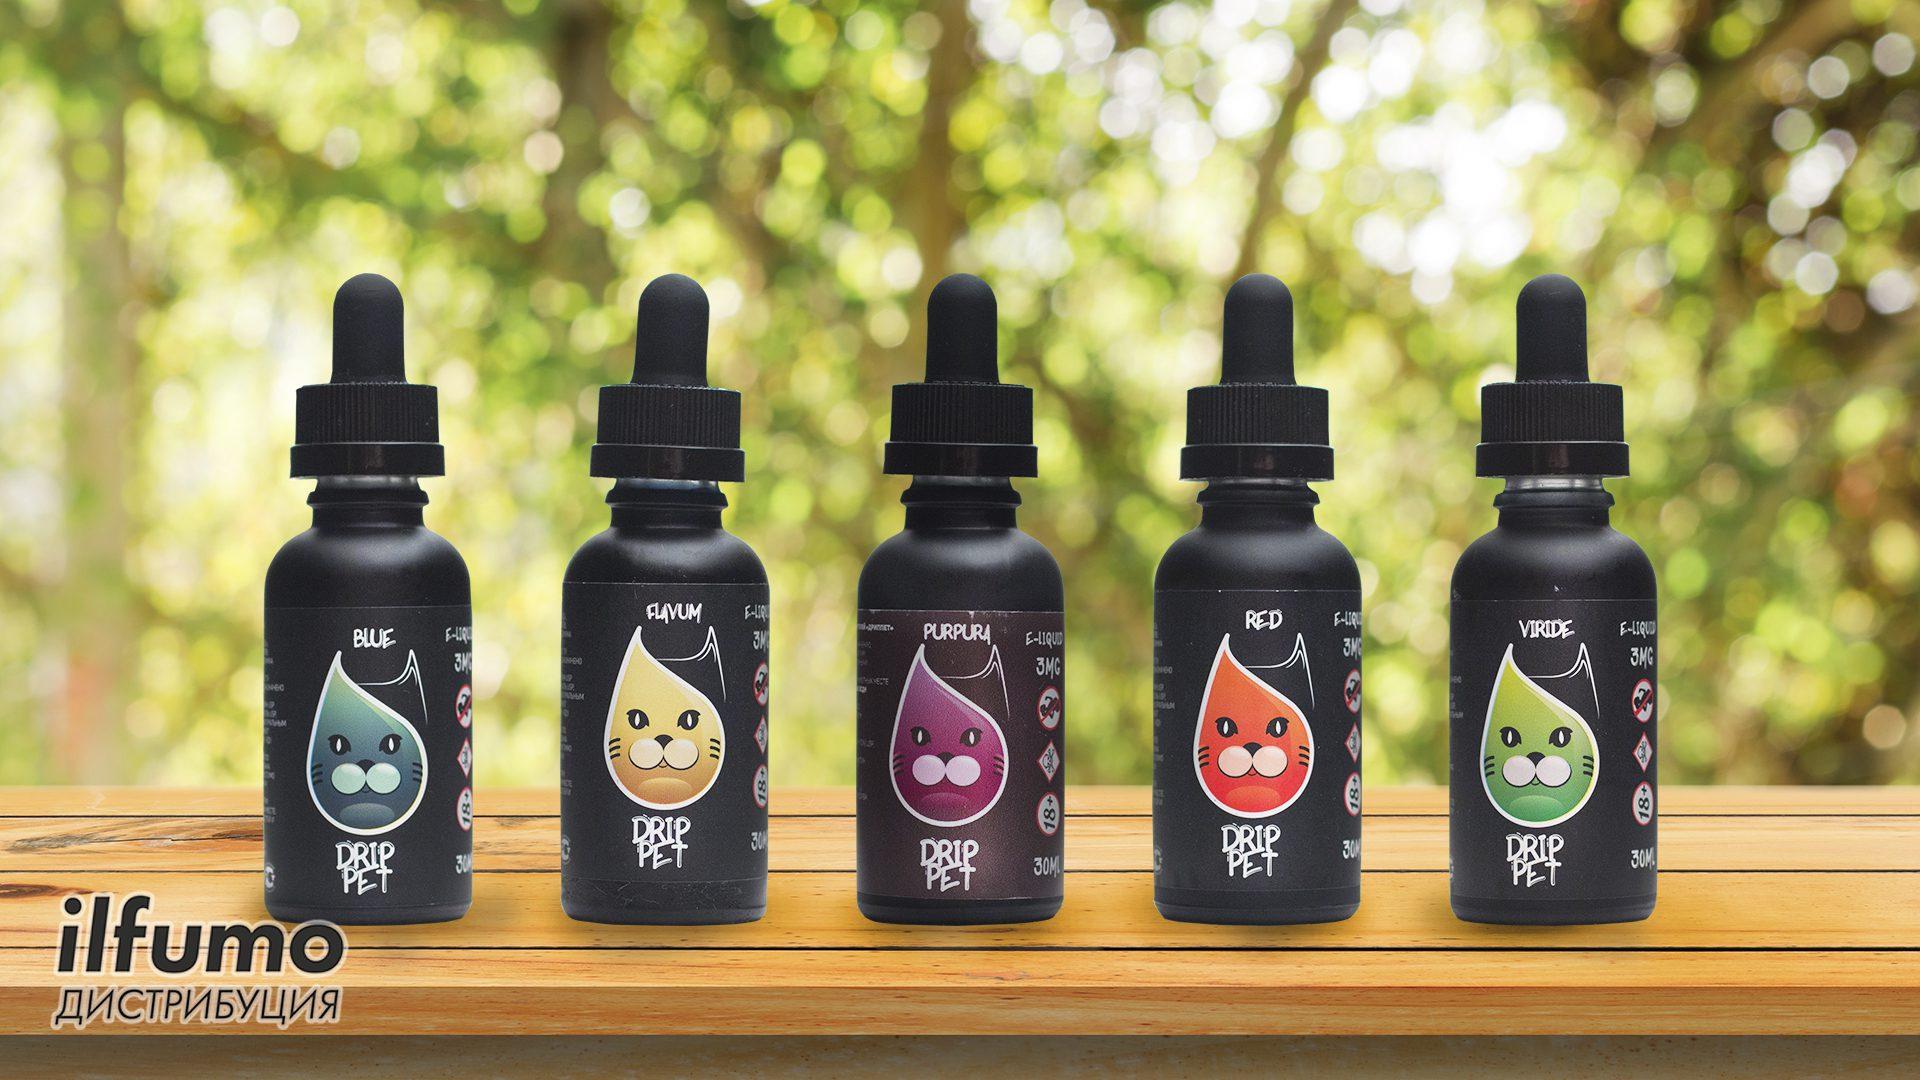 Жидкость Drip Pet 💨VAPE жидкости/основы/железо🔋 Цены➔ ilfumo.ru